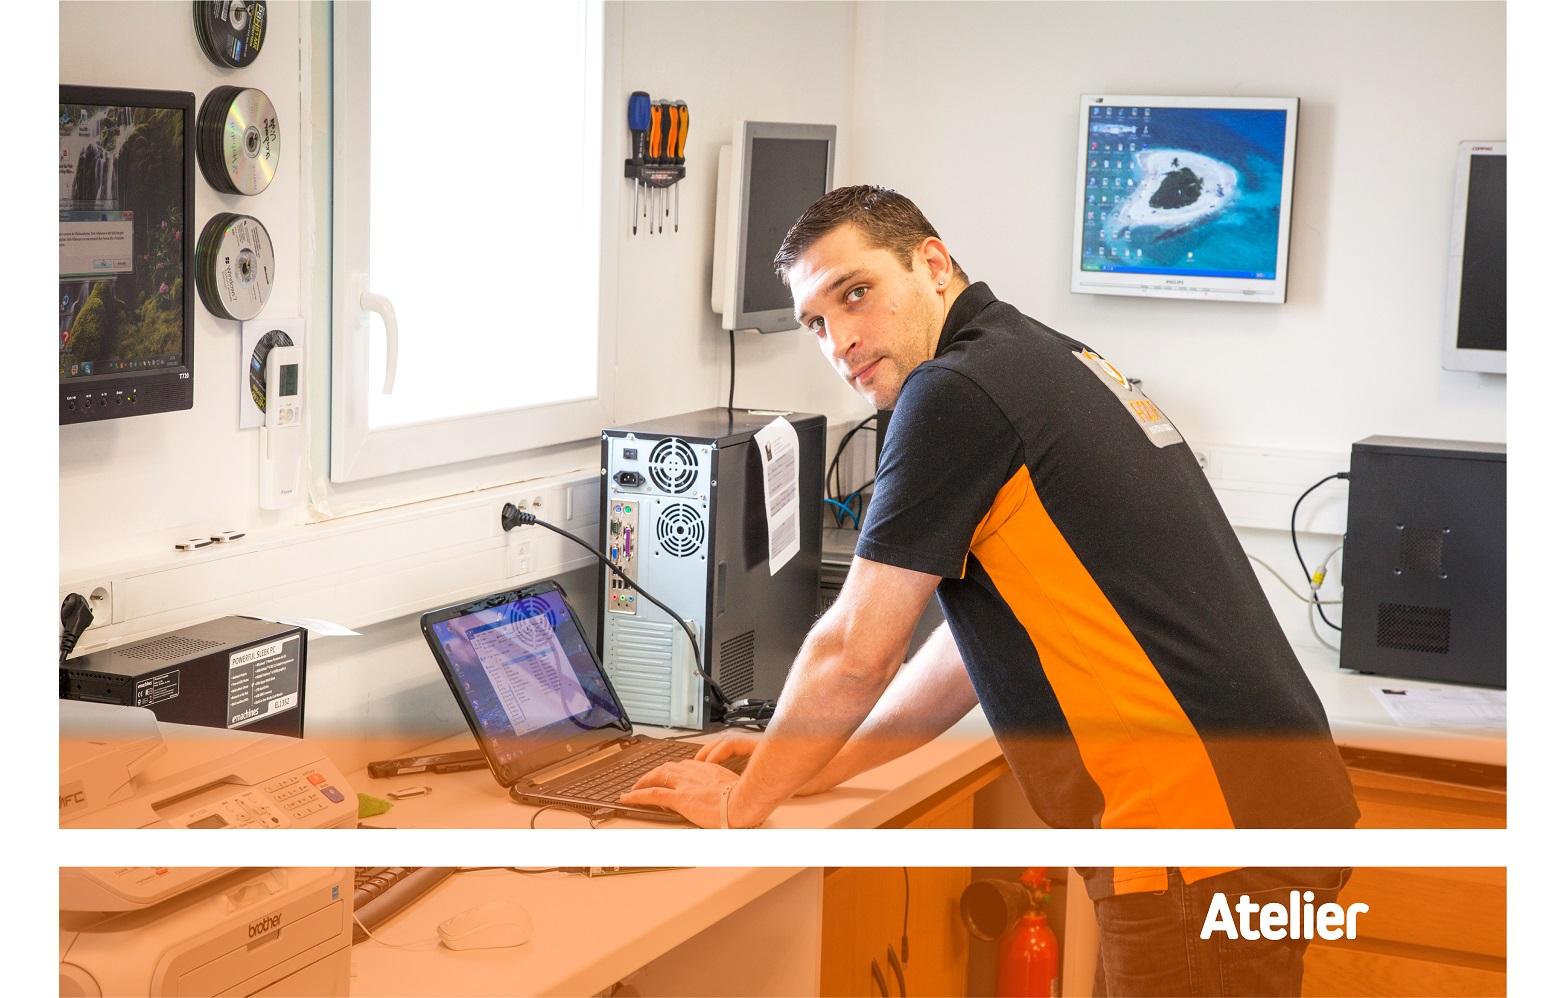 Notre technicien intervient au plus vite pour le dépannage de vos différents appareils (pc portable, tours, tablette,